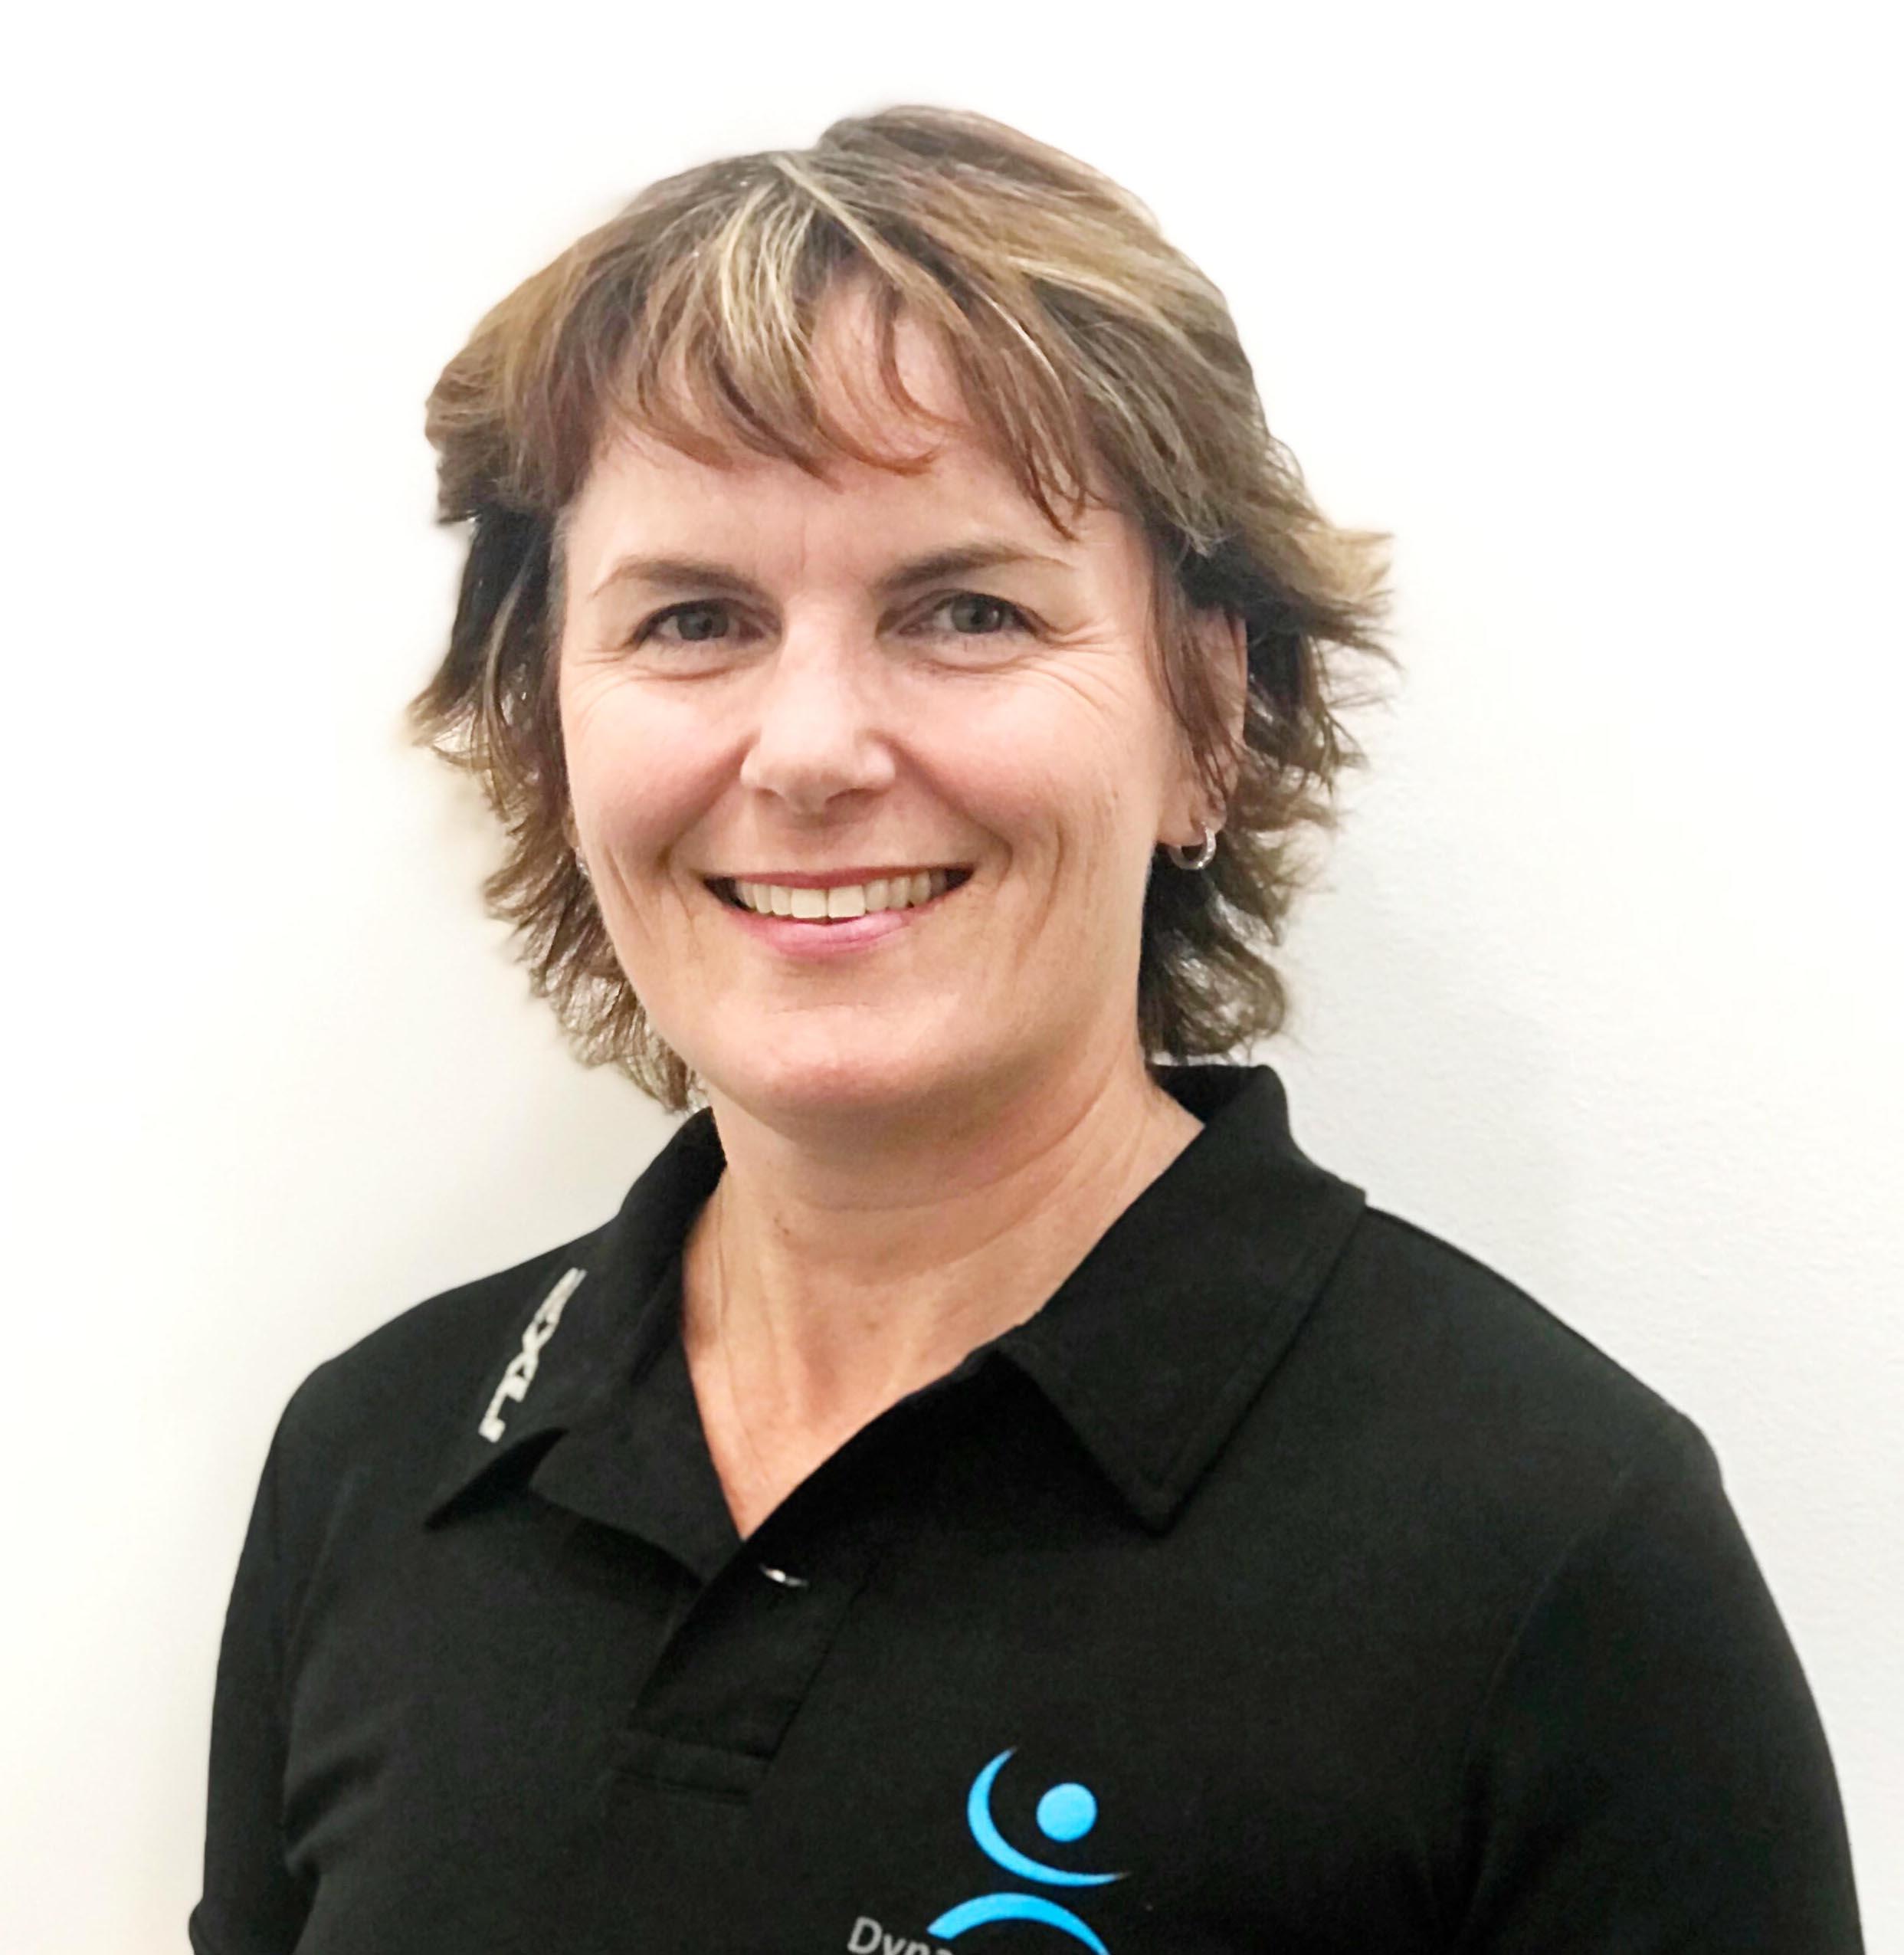 Sharon Van Geelan